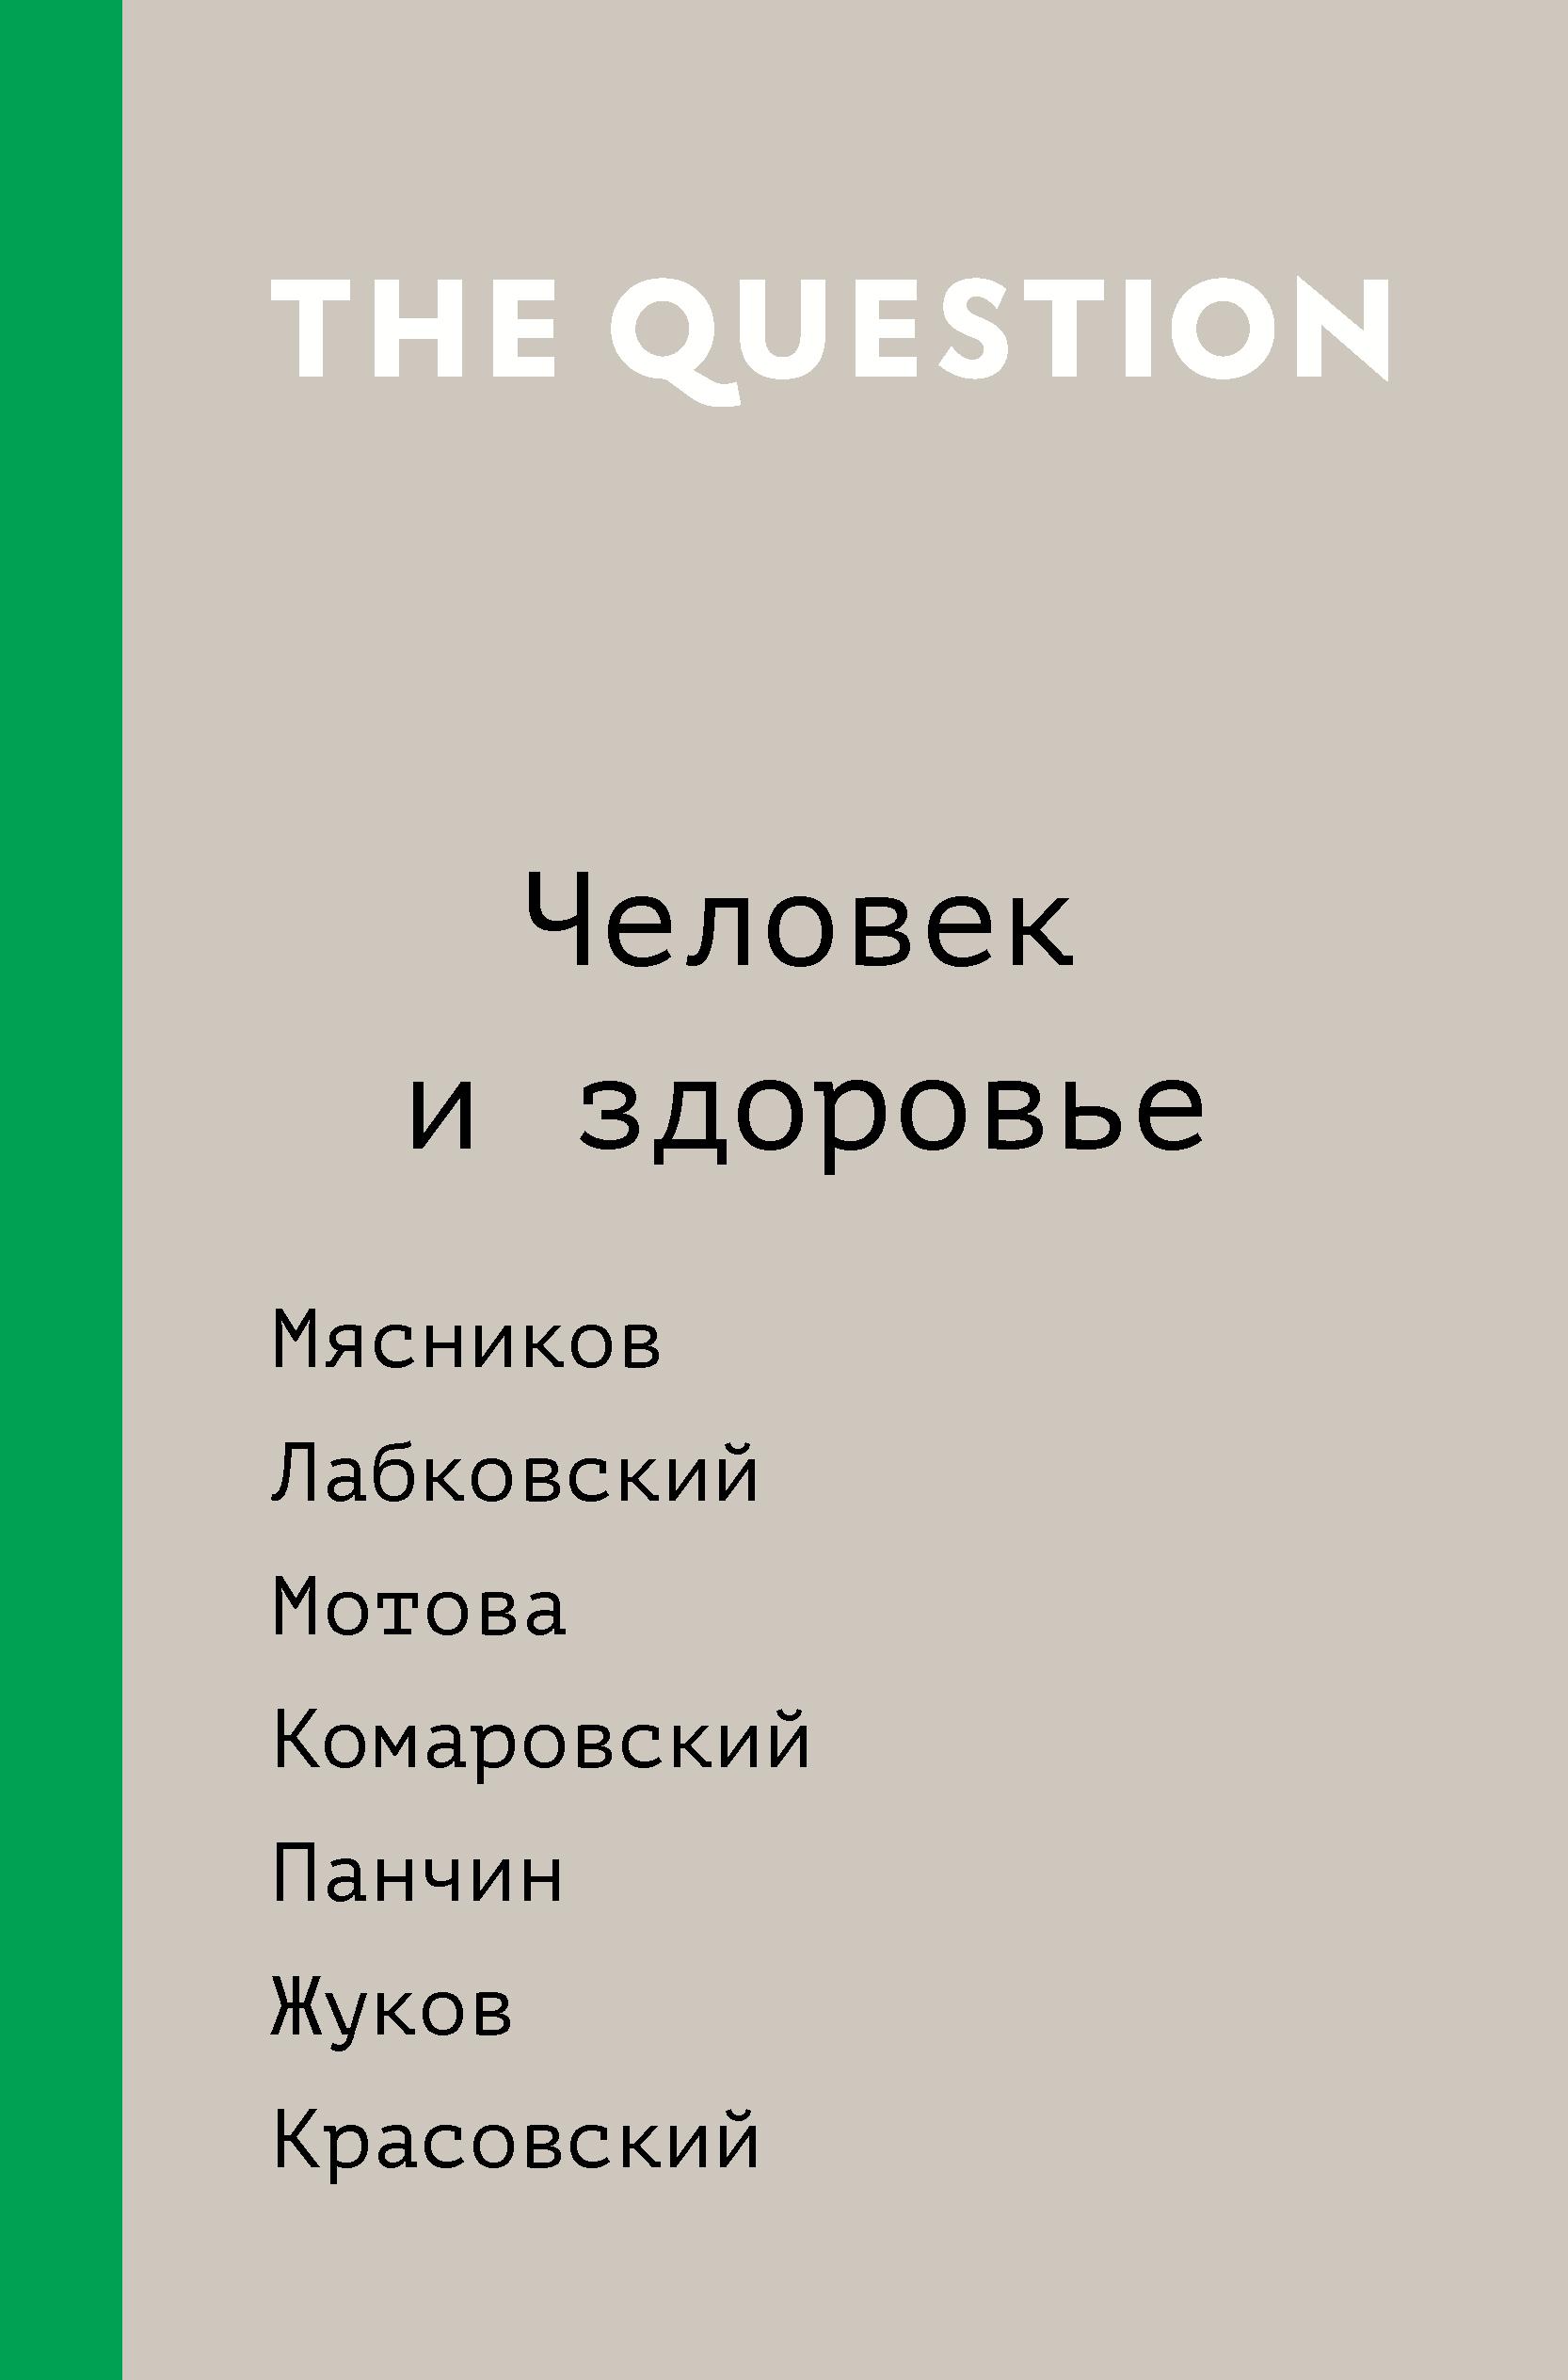 The Question. Человек и здоровье